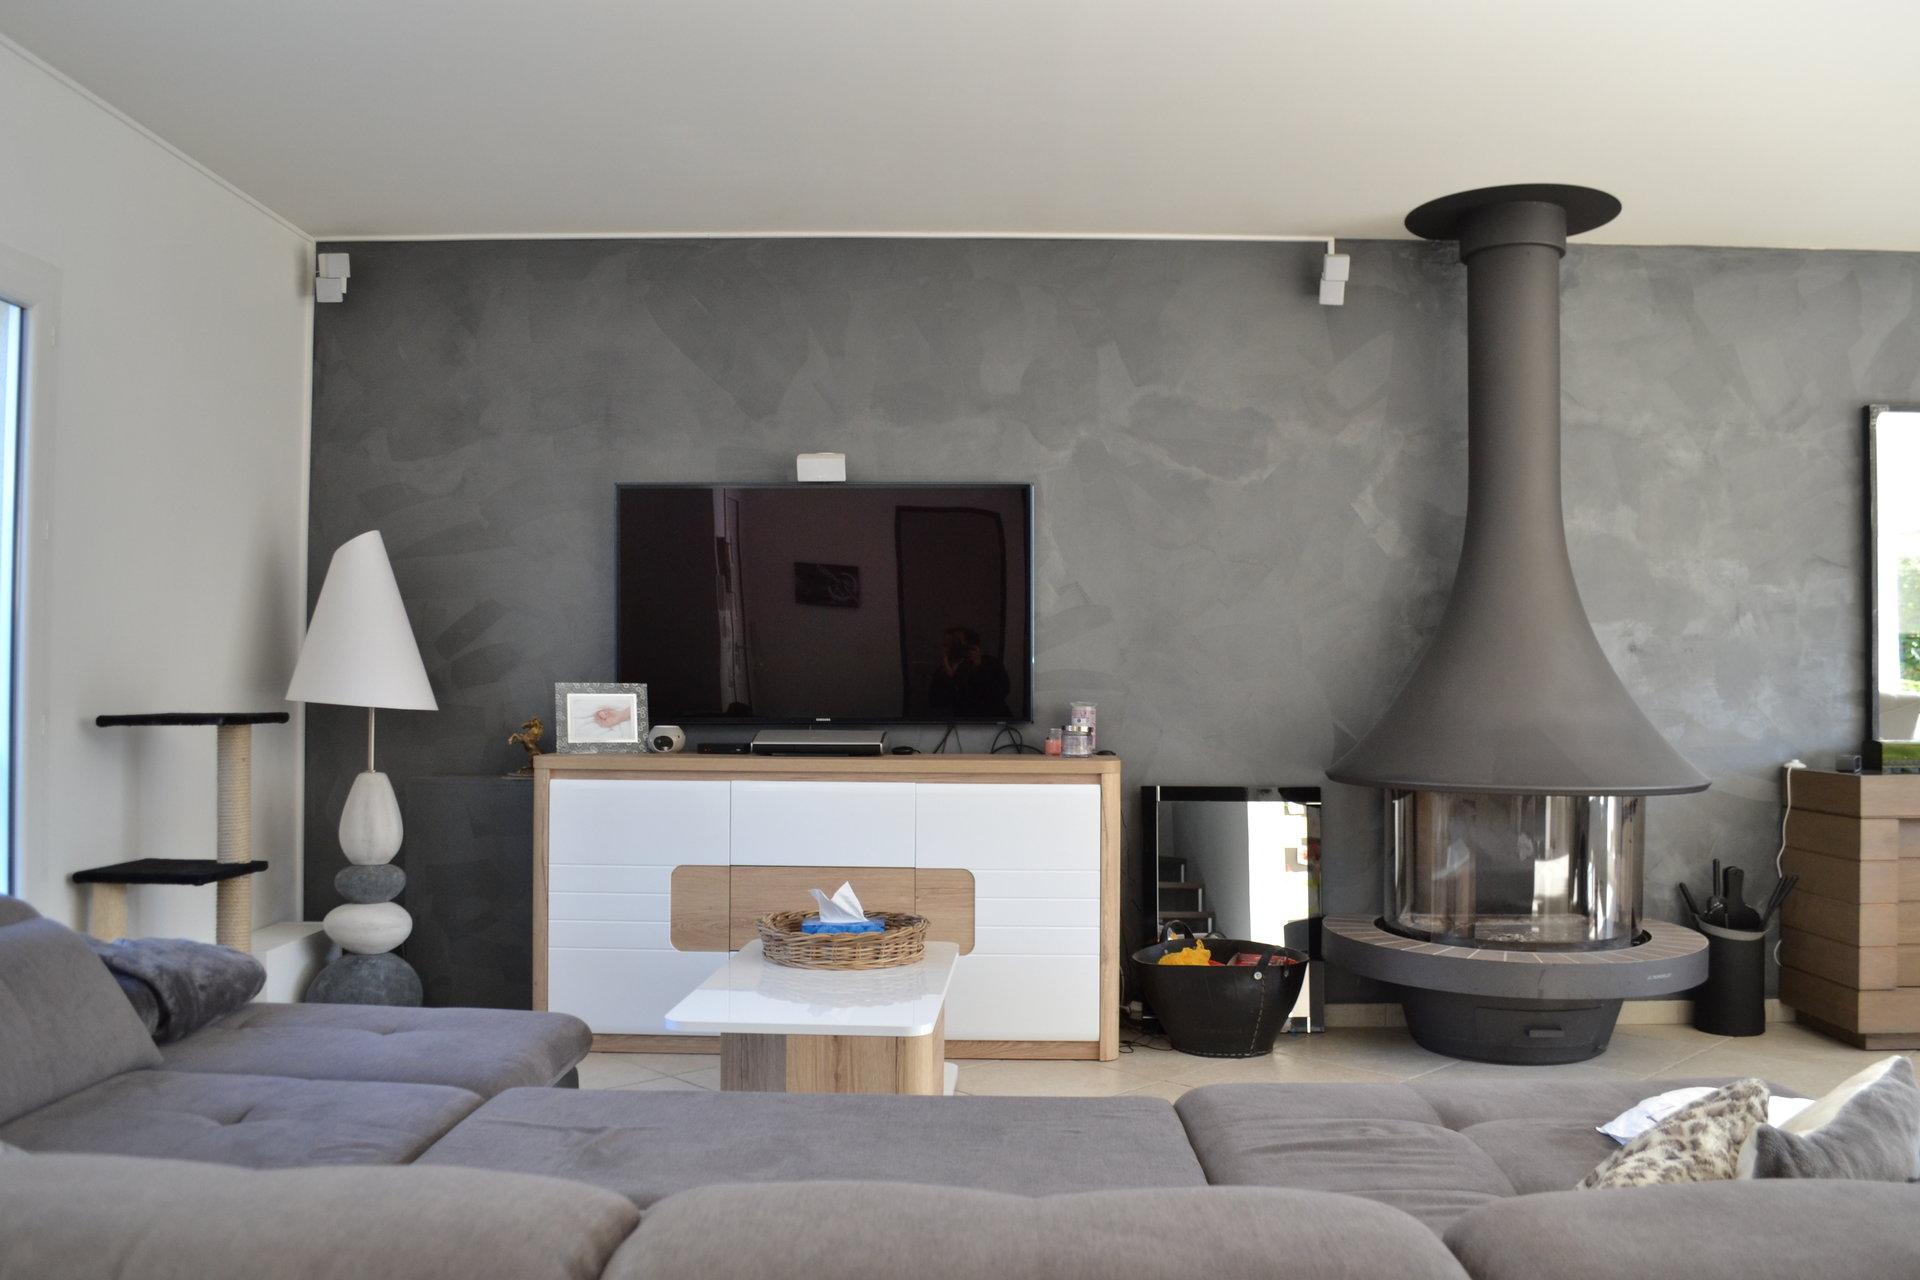 Maison moderne Villiers Saint Frédéric - Gare